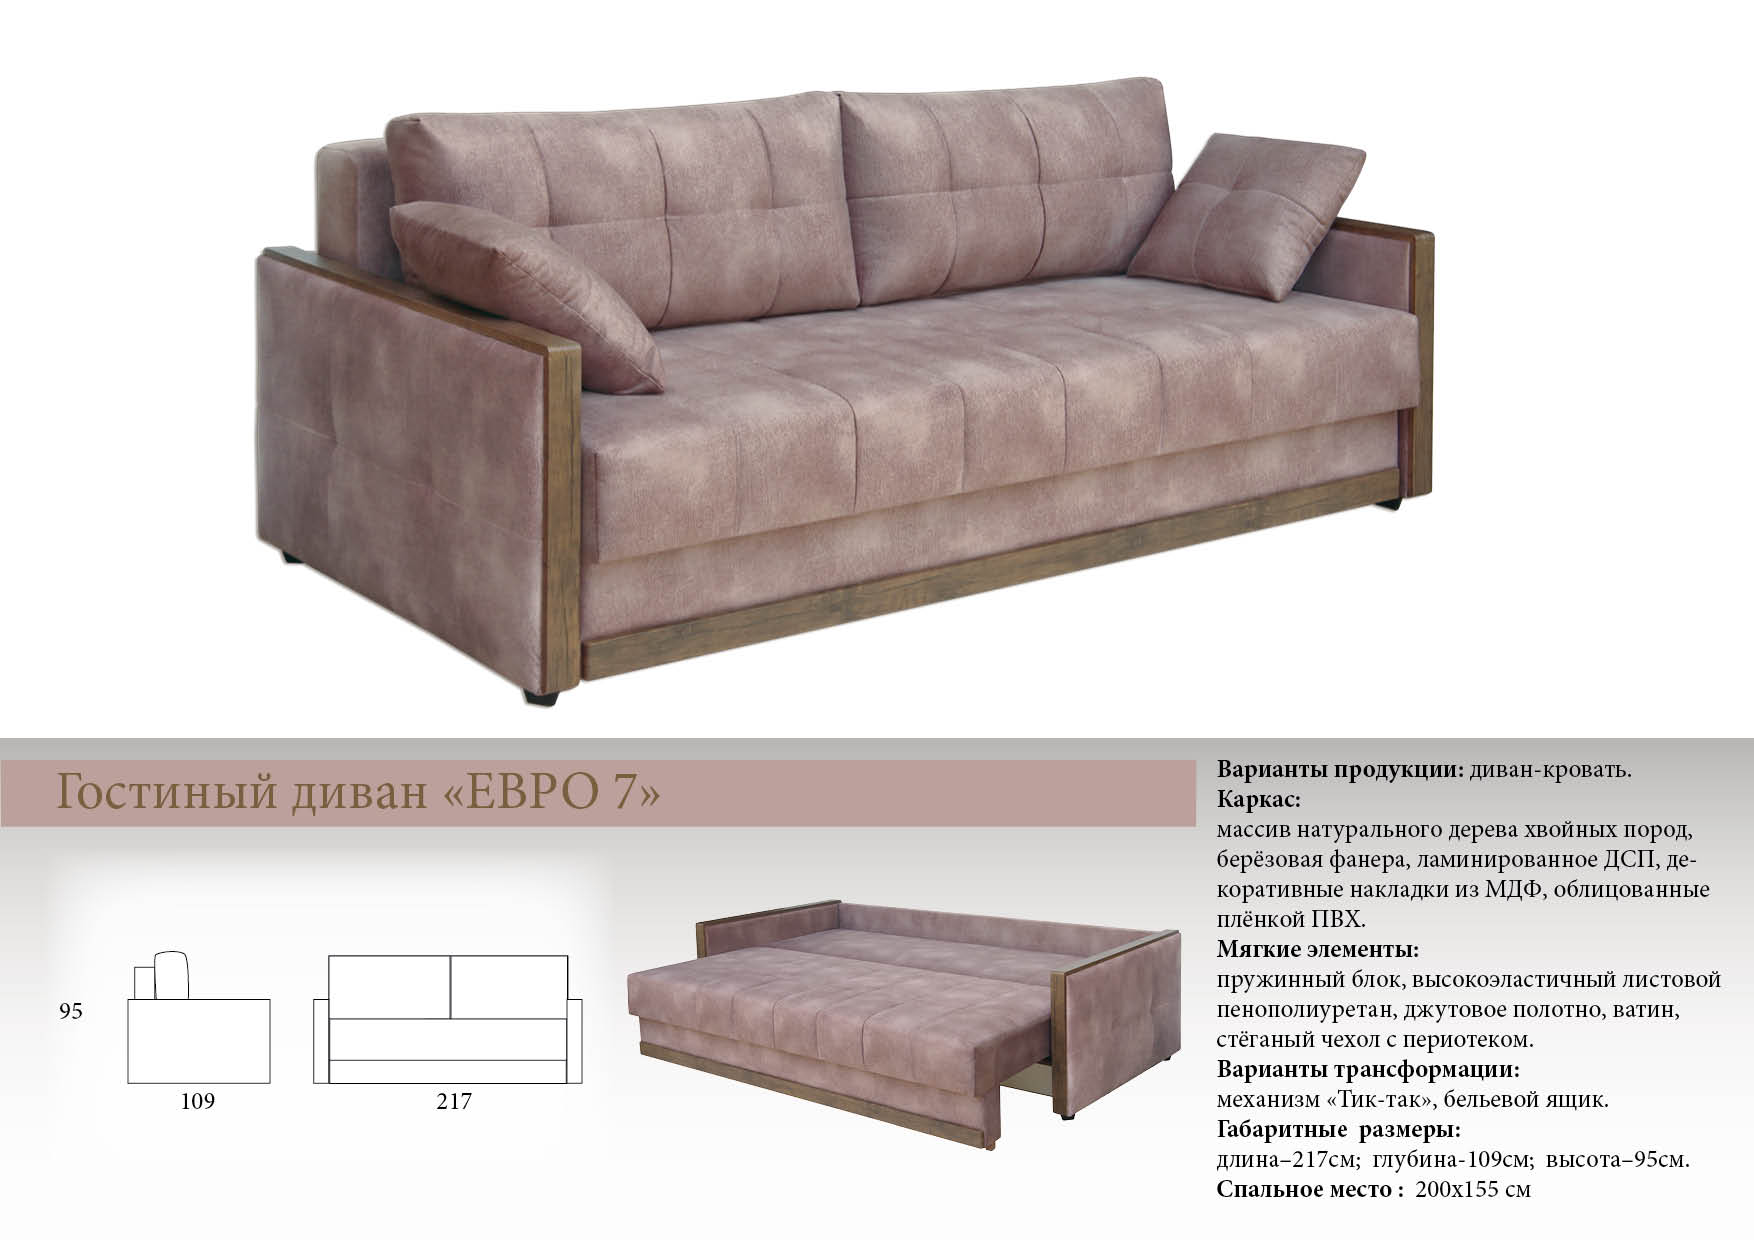 f449b973af1b Мебельная фабрика «Ивкрон», г. Иваново / Диван прямой Евро 7 от ...